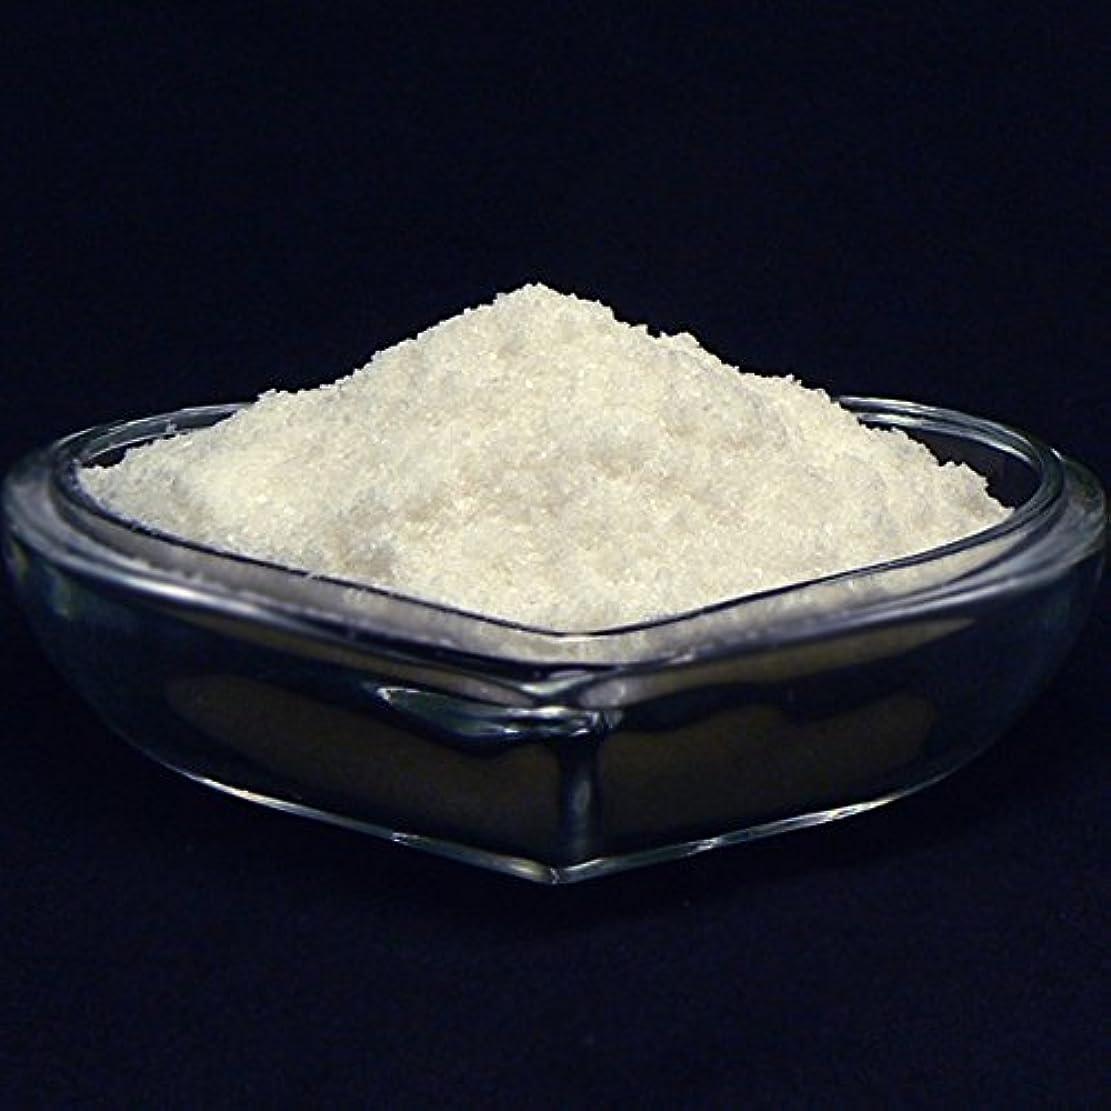 移動原理鋭くヒマラヤ岩塩 クリスタルソルト 入浴用 バスソルト(パウダー)白岩塩 (1kg+250g増量)